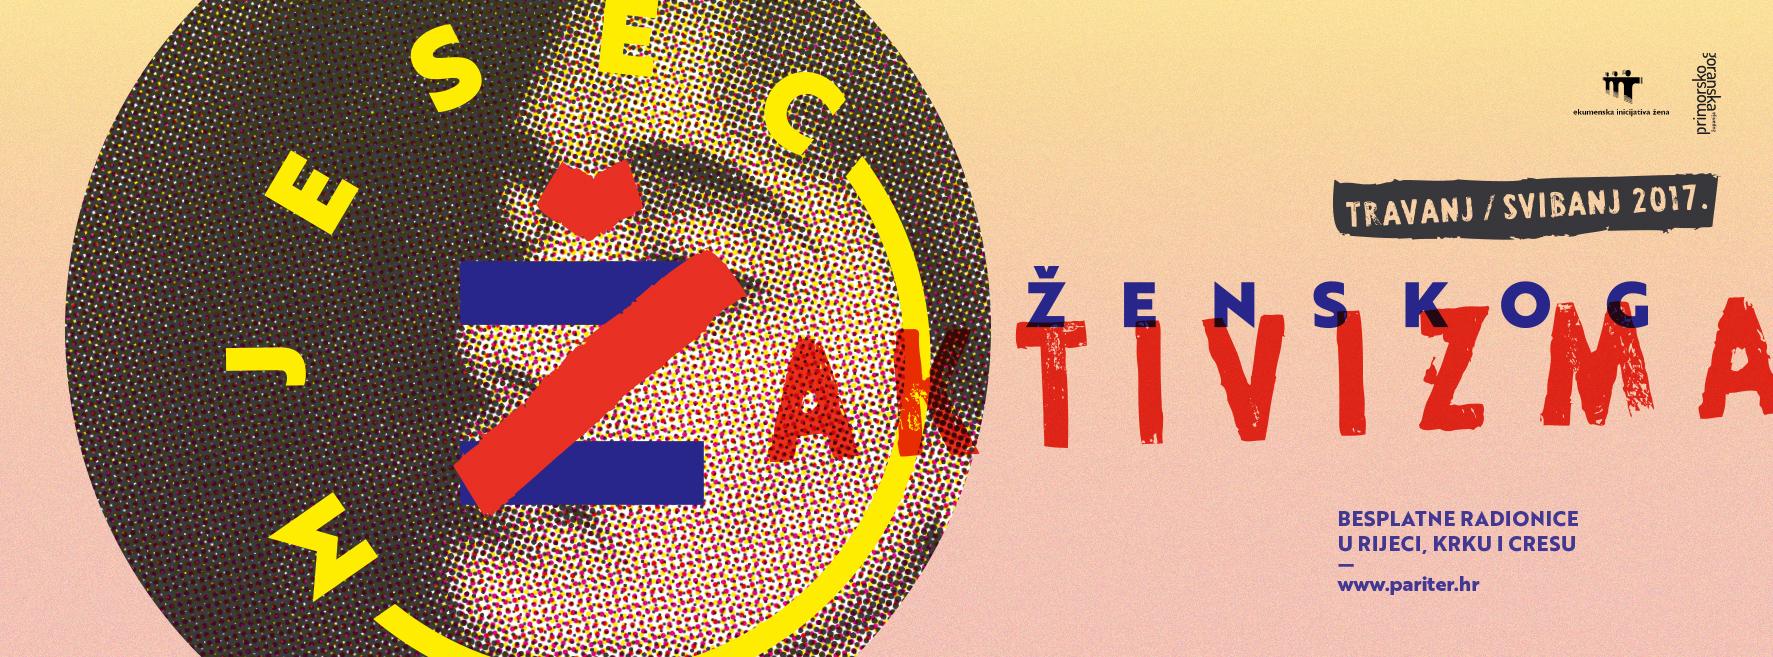 FB_cover_mjesec_z_aktivizma2017